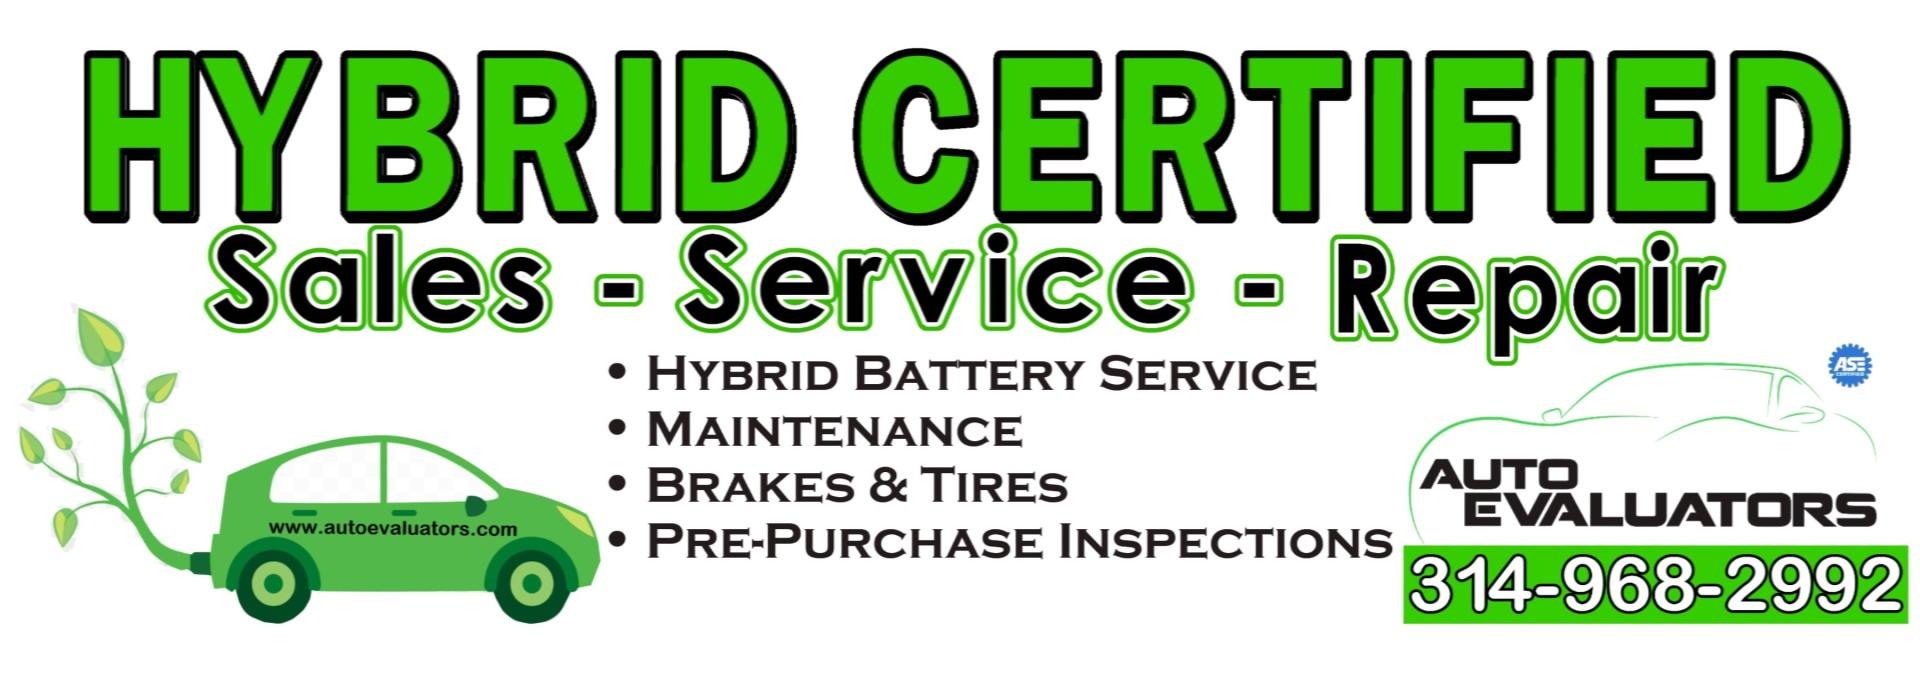 hybrid service hybrid service